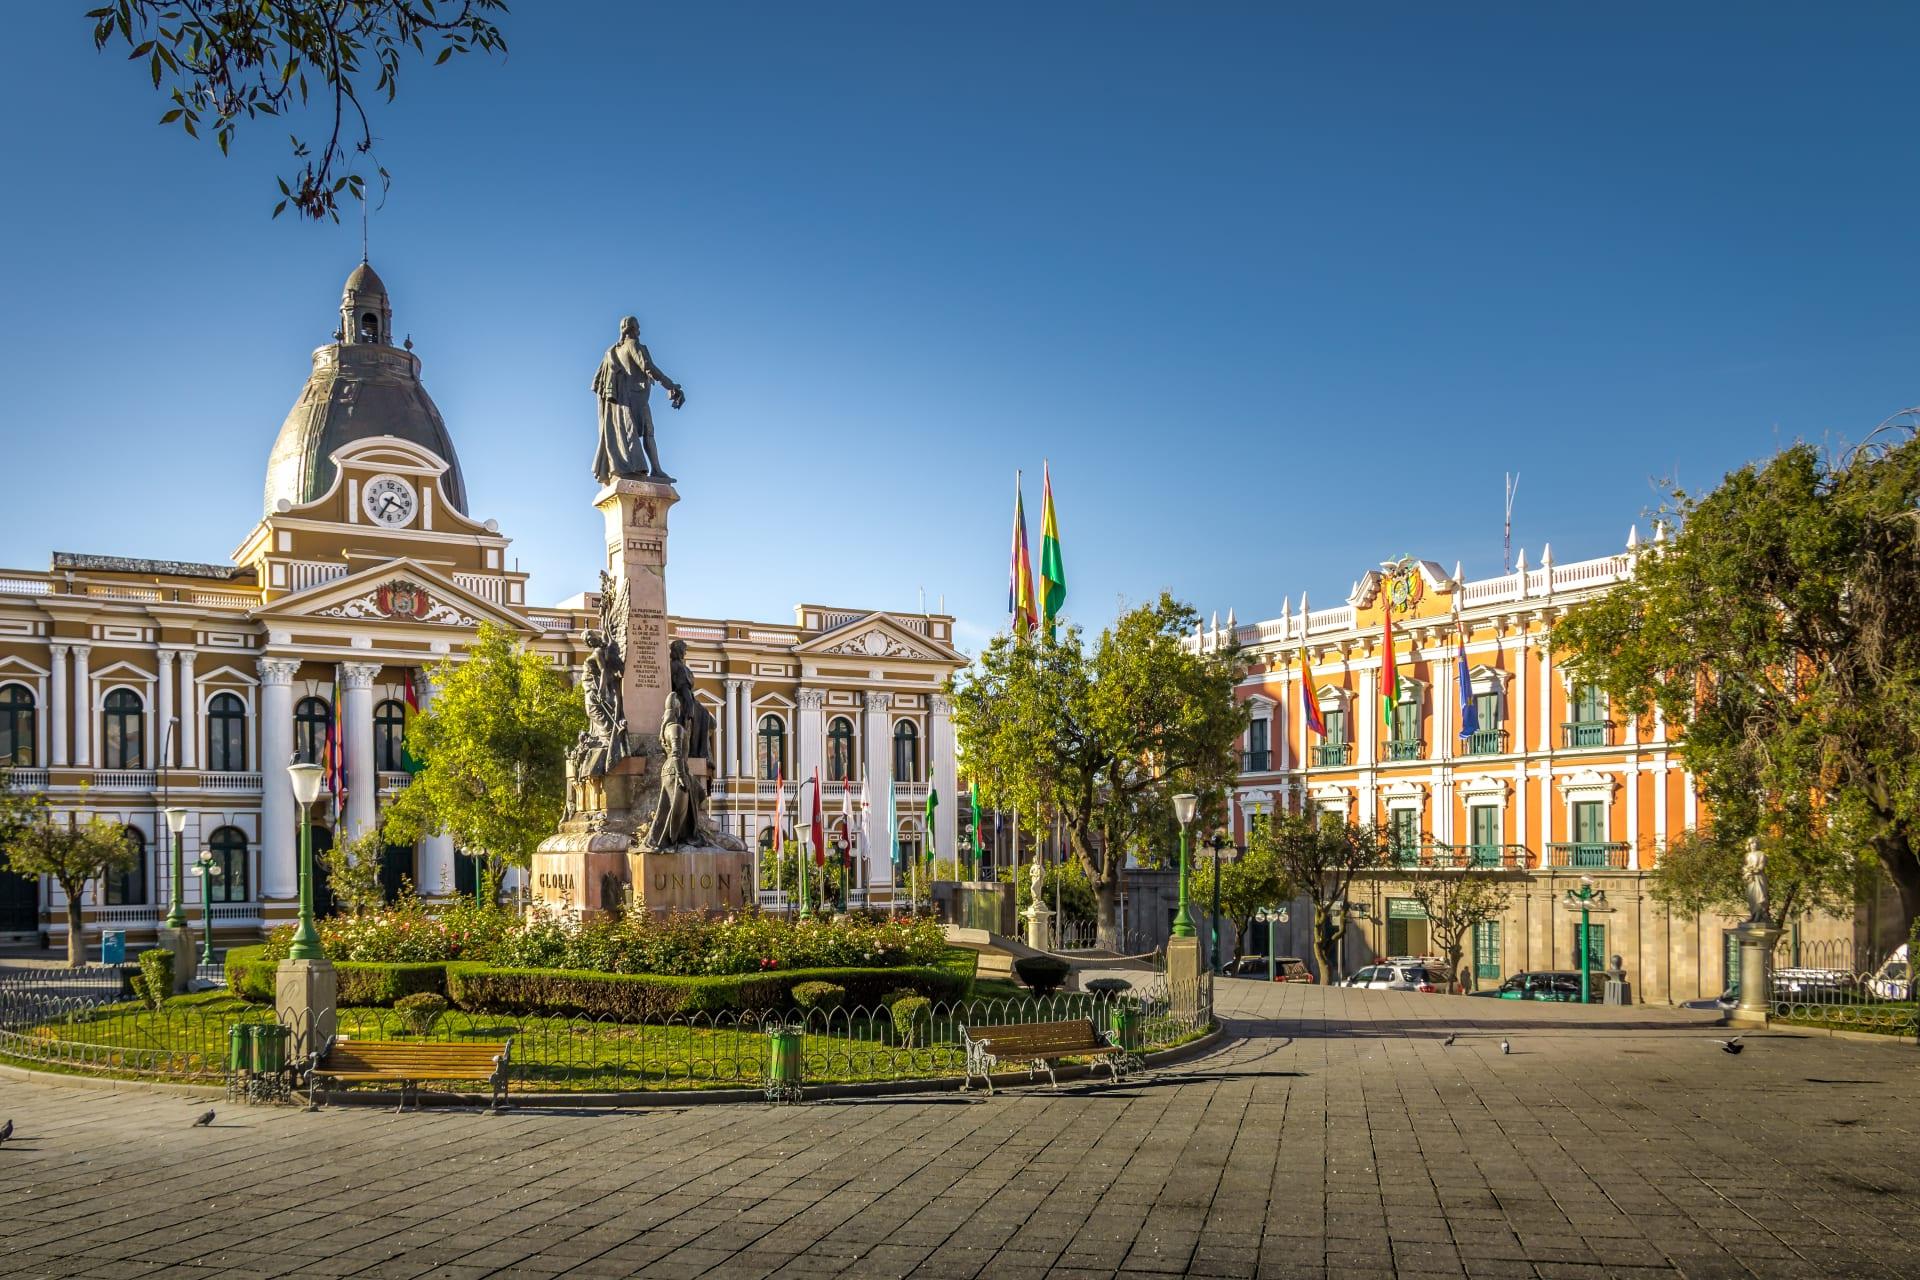 La Paz - Main square MURILLO